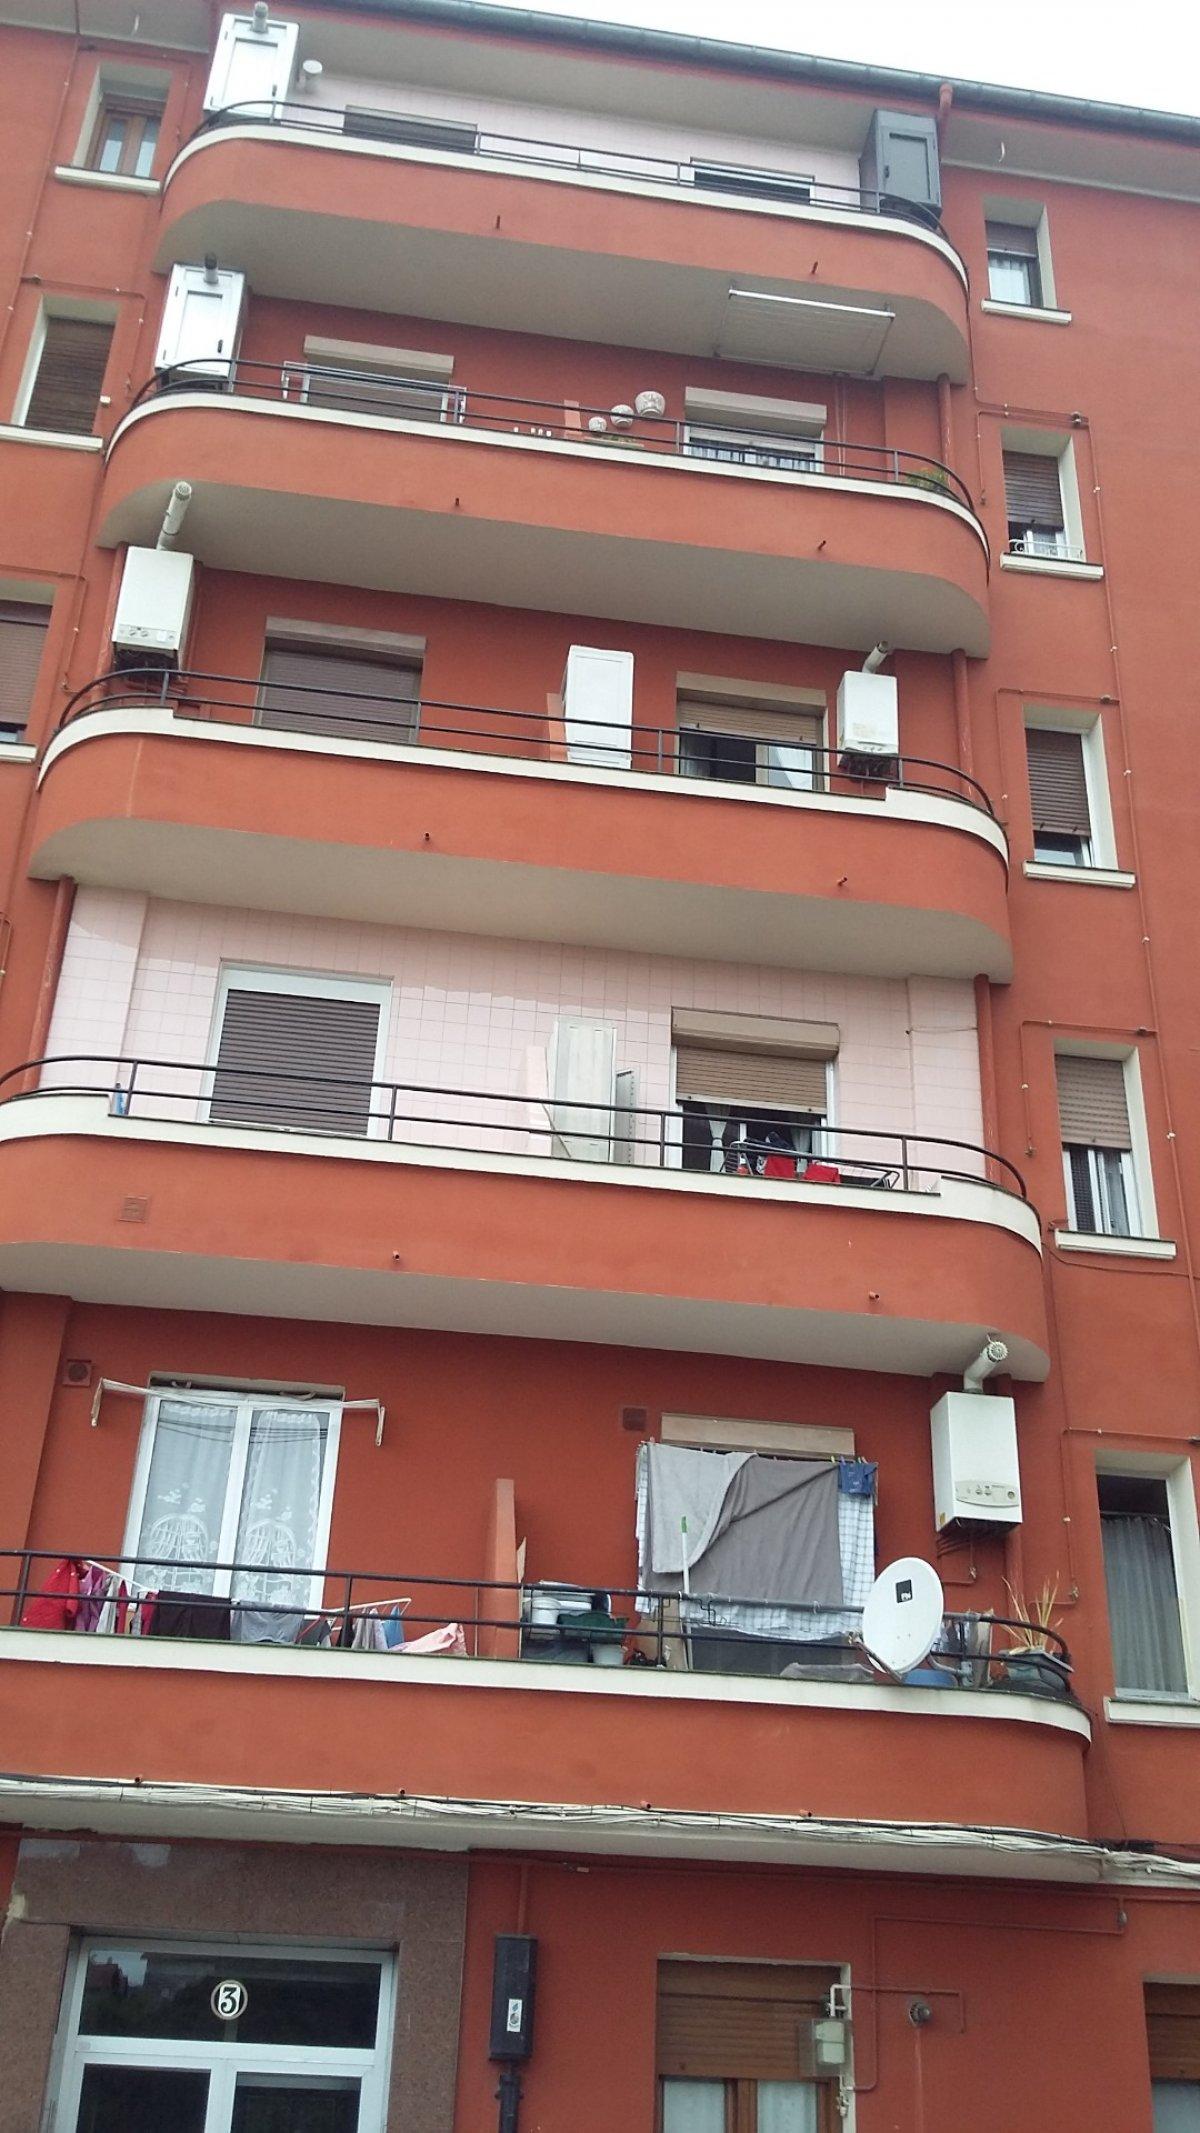 Piso en venta en Bilbao  de 2 Habitaciones, 1 Baño y 68 m<sup>2</sup> por 120.000 €.